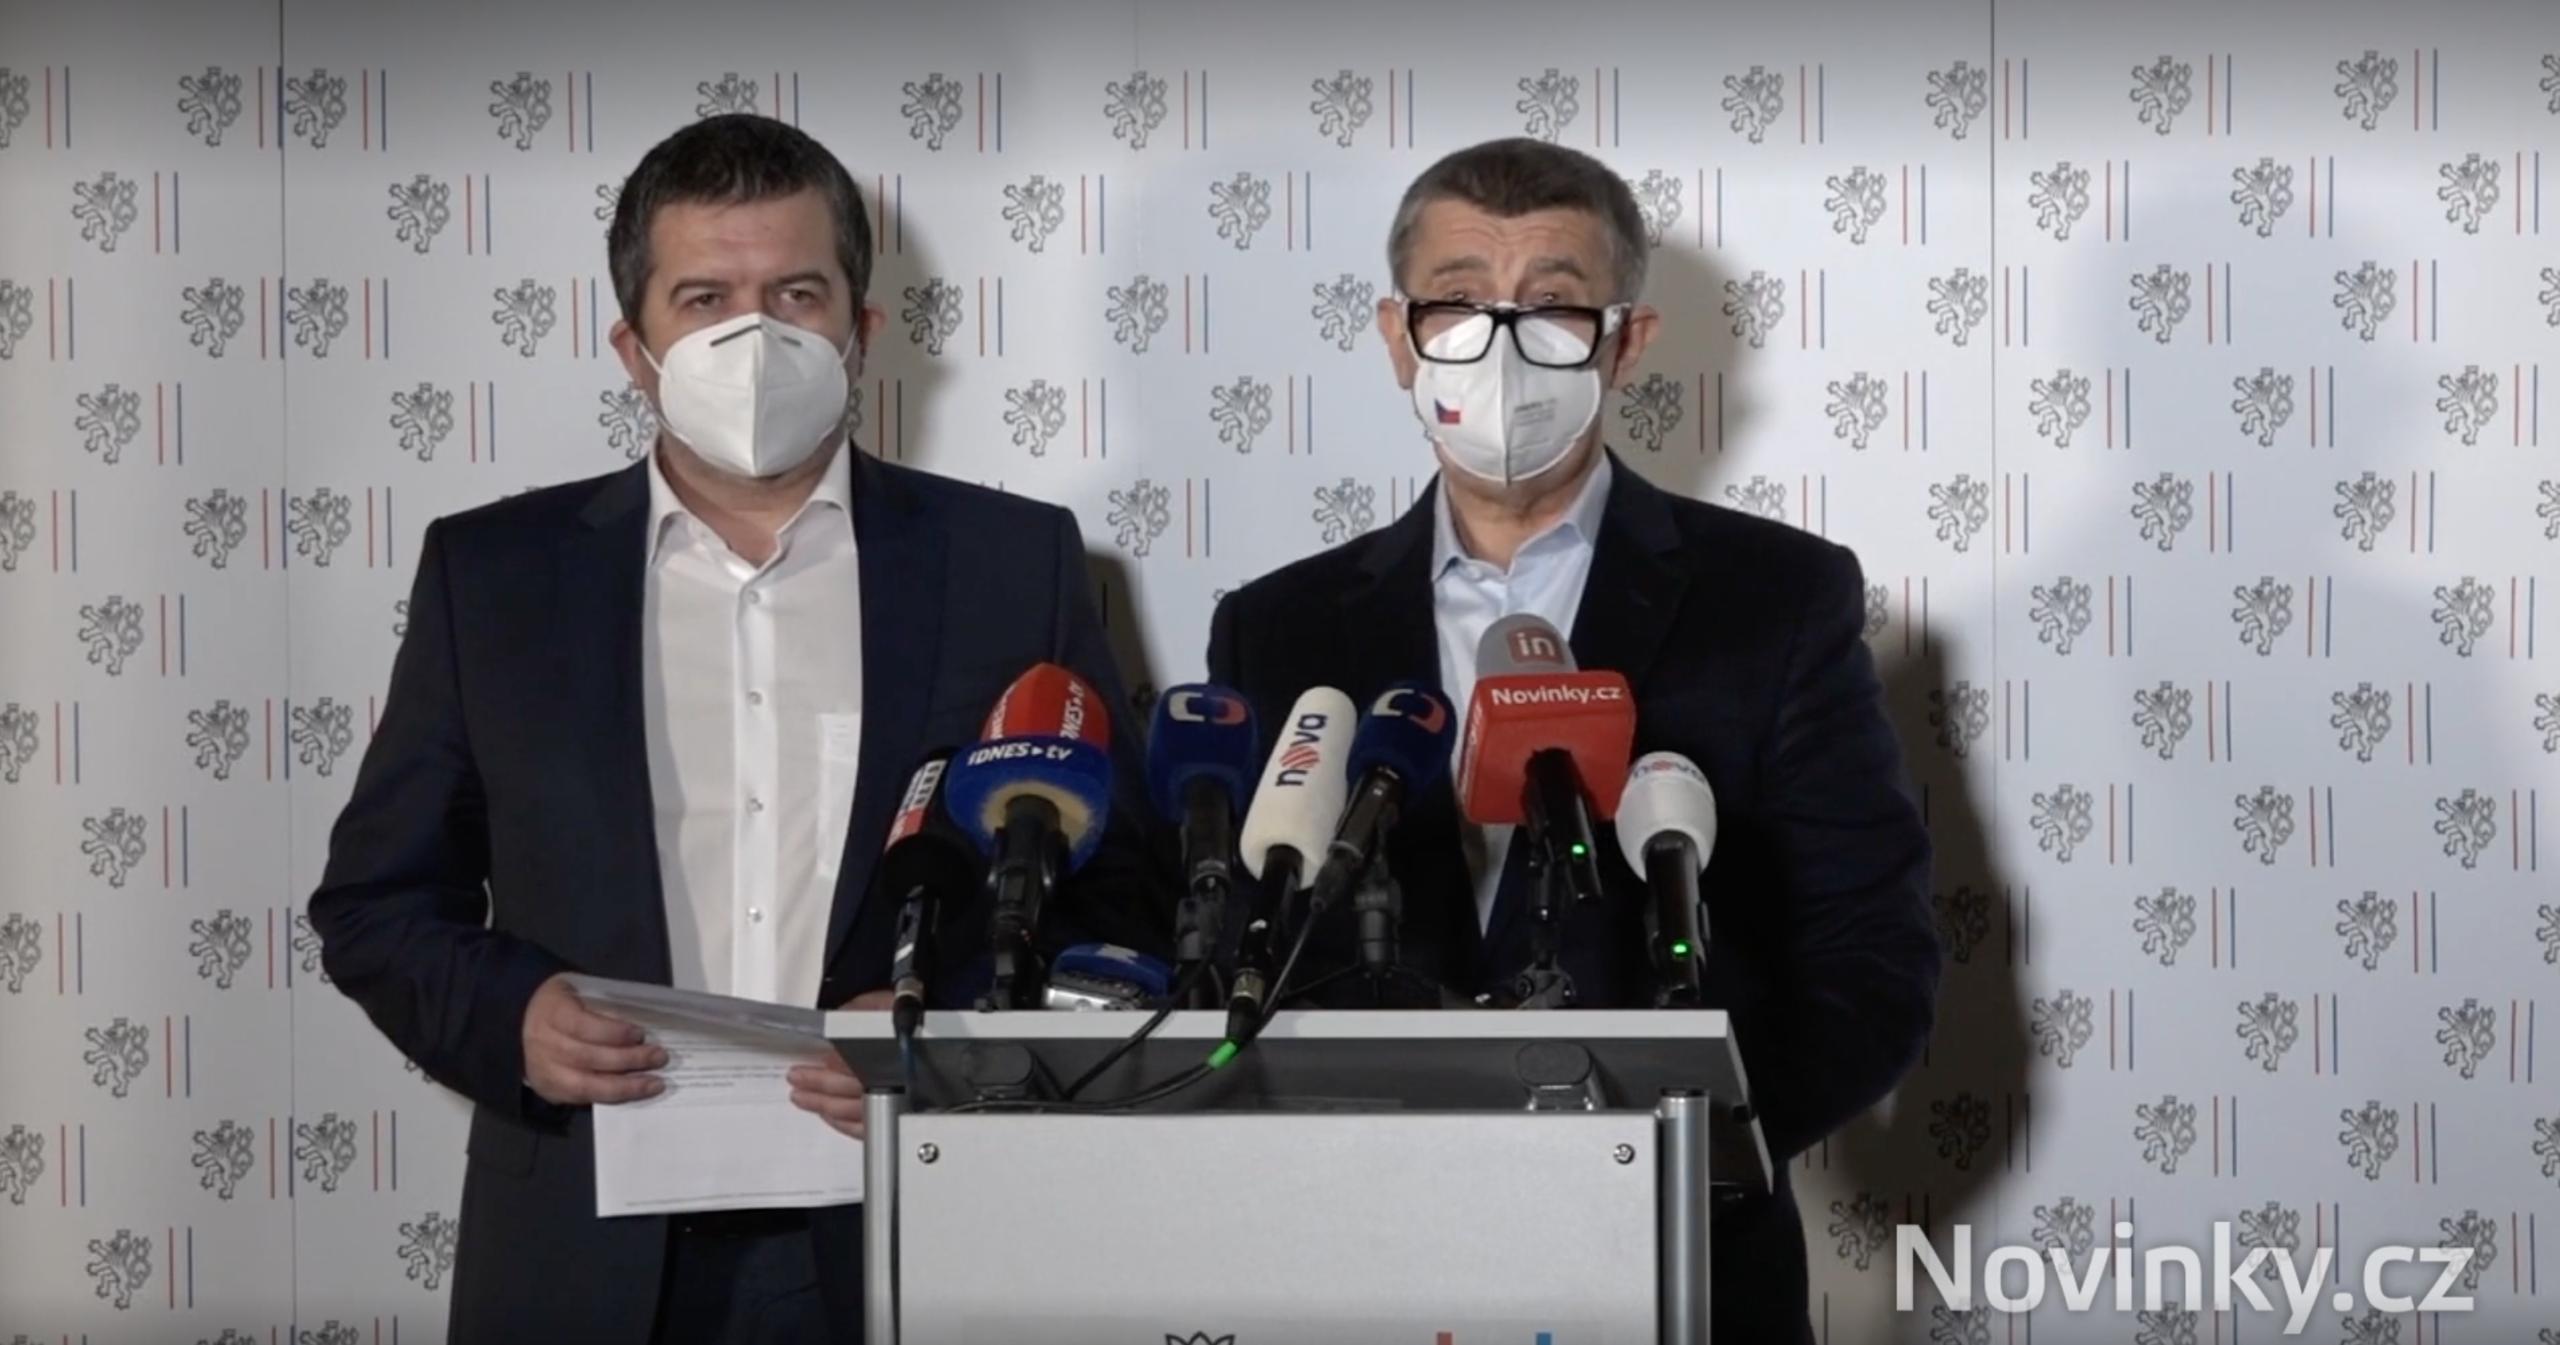 Czechy wydalą rosyjskich dyplomatów pod zarzutem szpiegostwa. Mogli mieć związek z wybuchem z 2014 roku